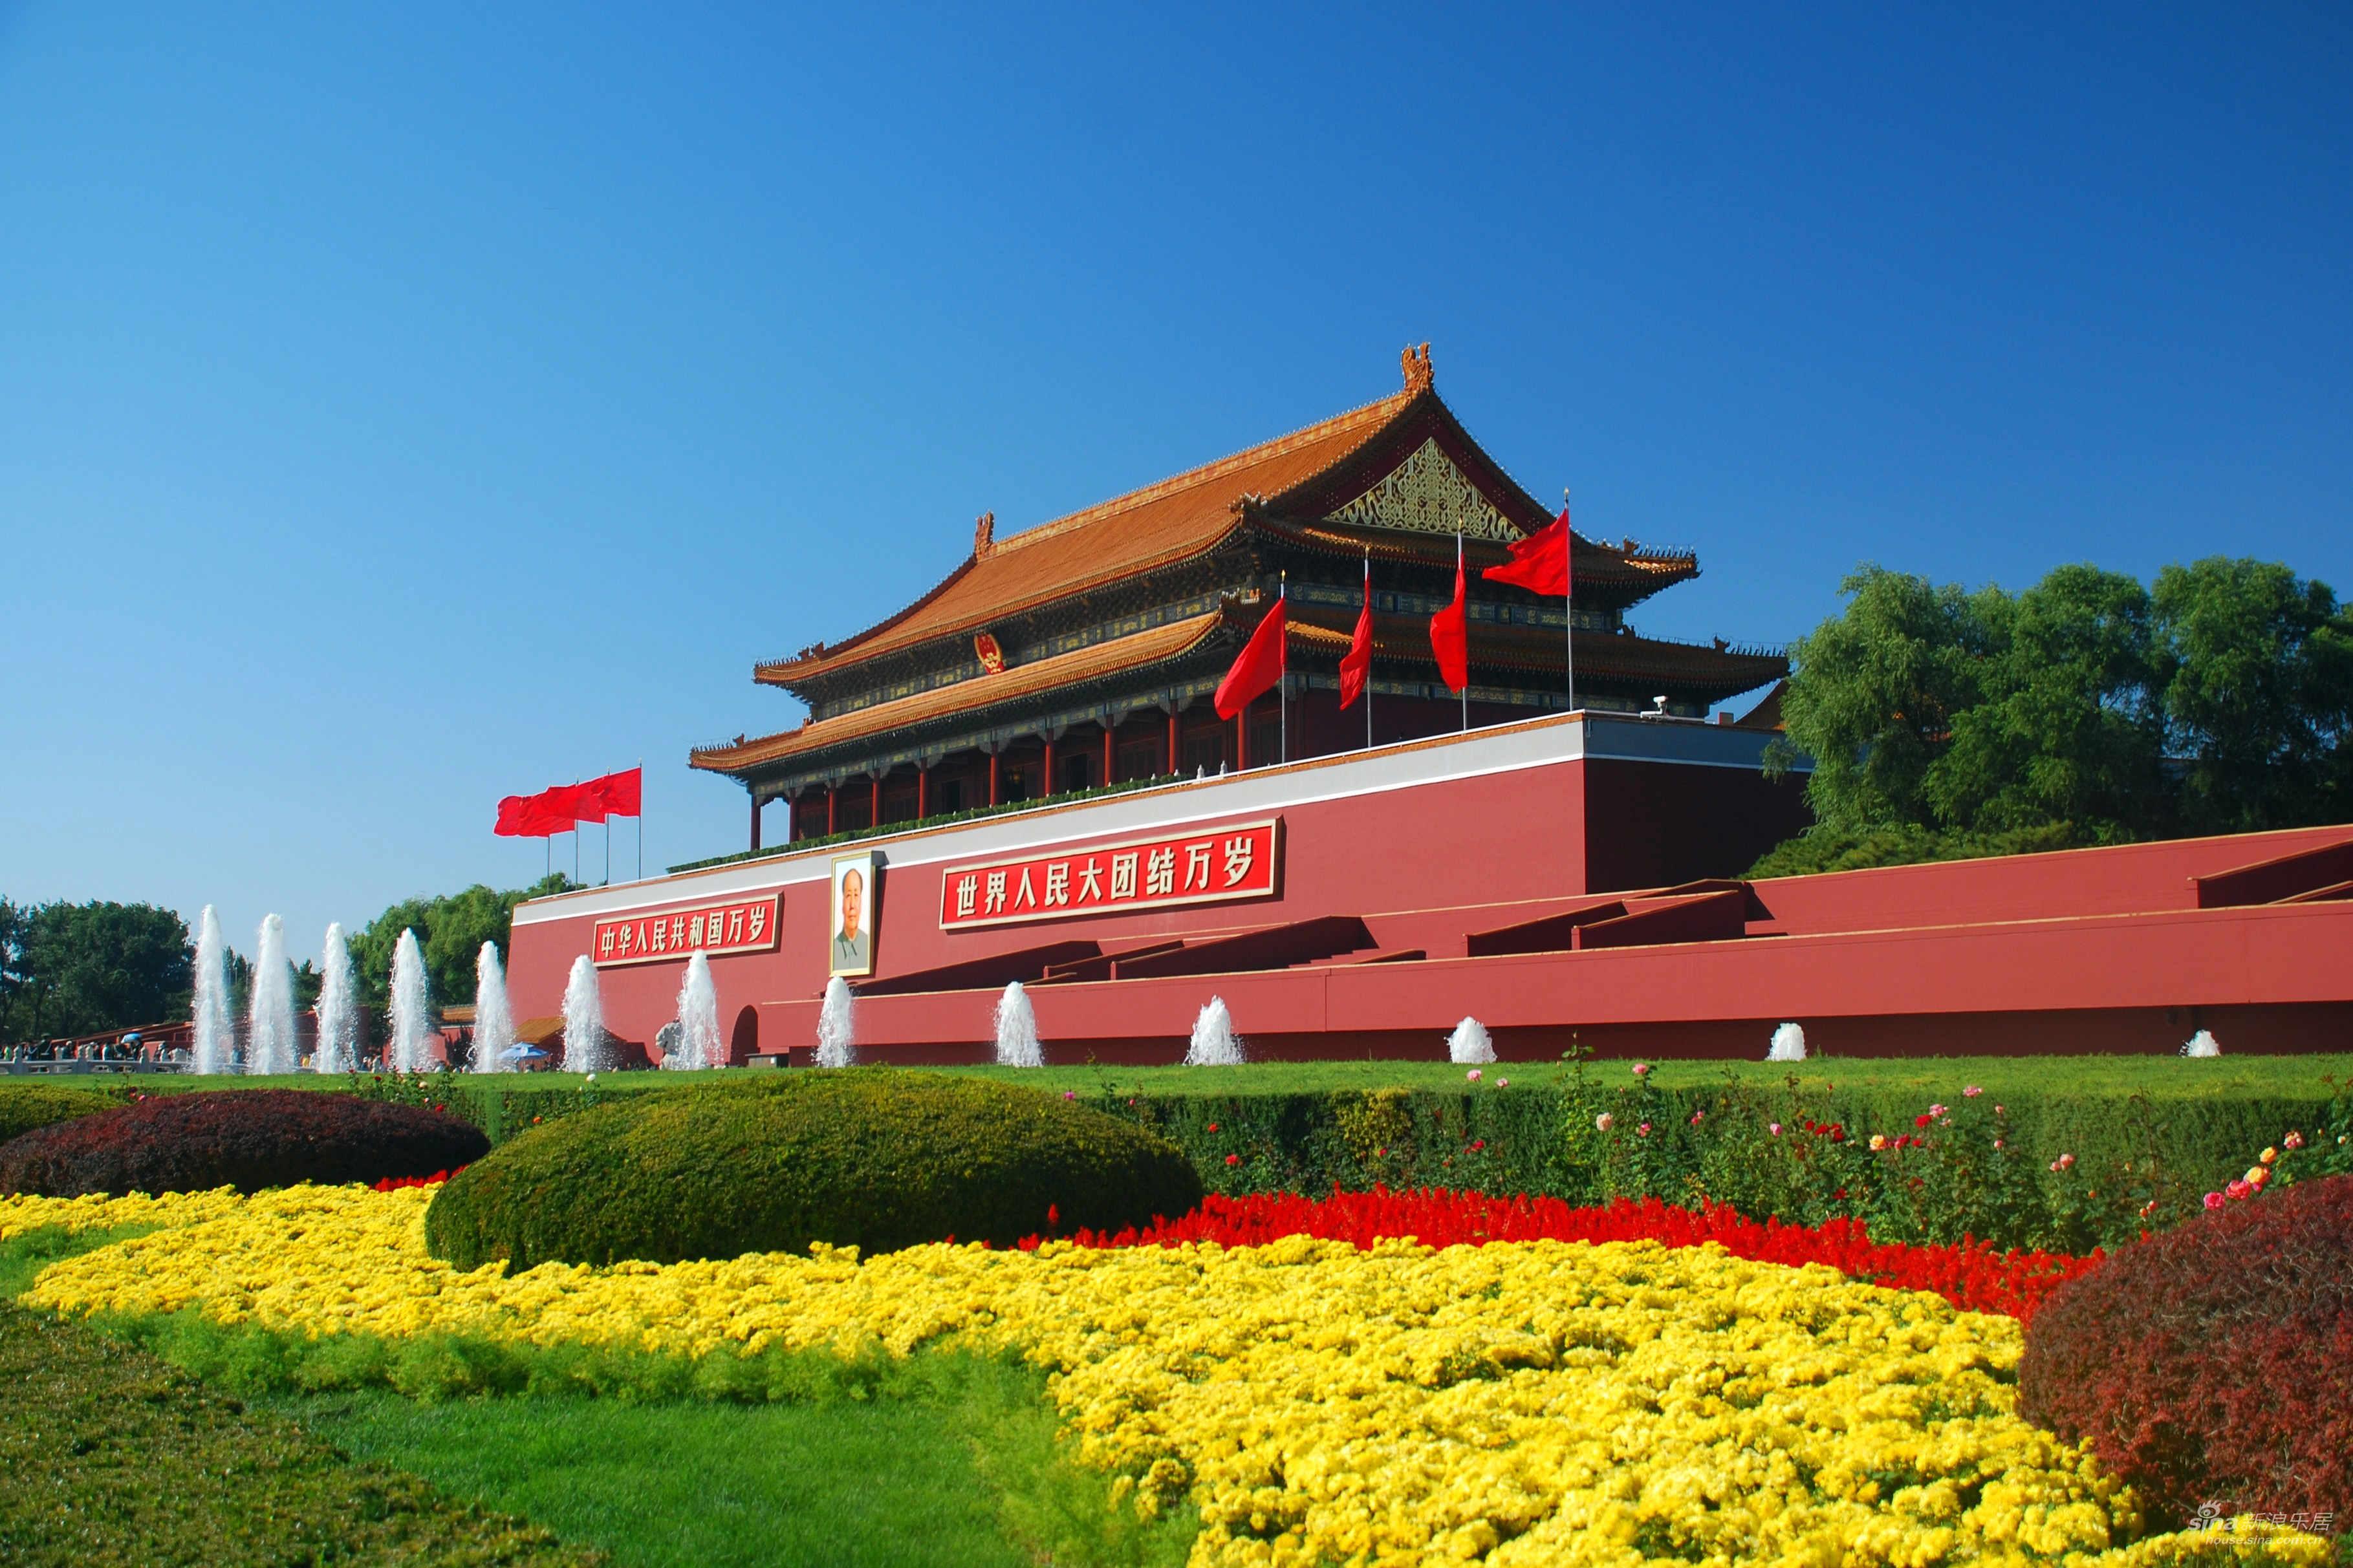 越南签证_2020 魅力皇城北京承德經典7~8天遊 Tour Code: TBBJS7.8 (TB) – 全旅假期